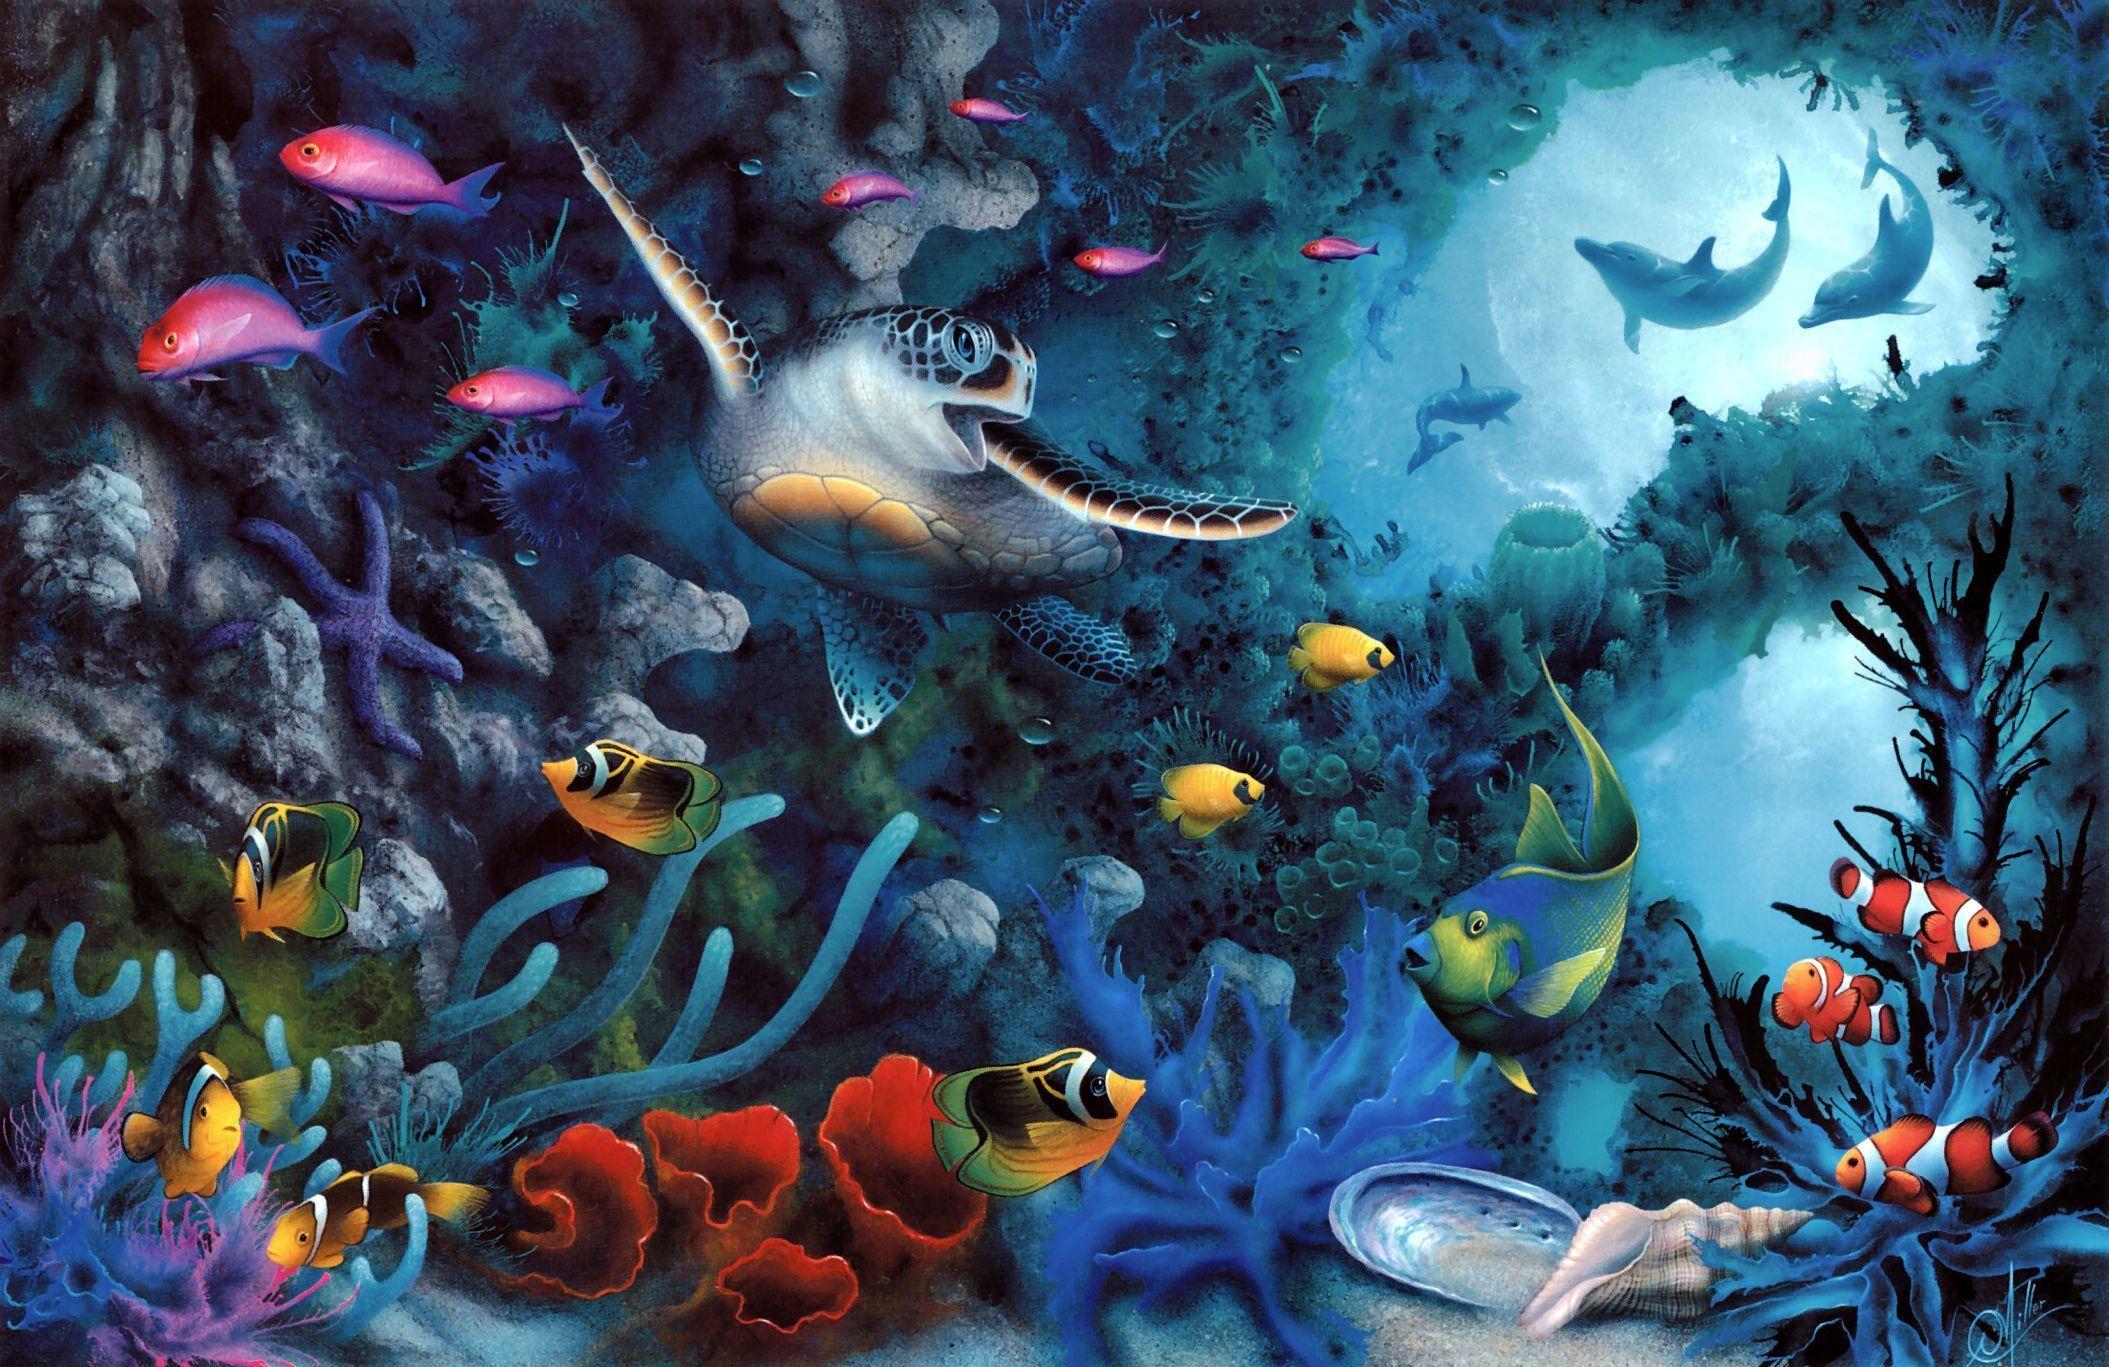 sea mural Computer Wallpapers Desktop Backgrounds 2109x1367 ID 2109x1367